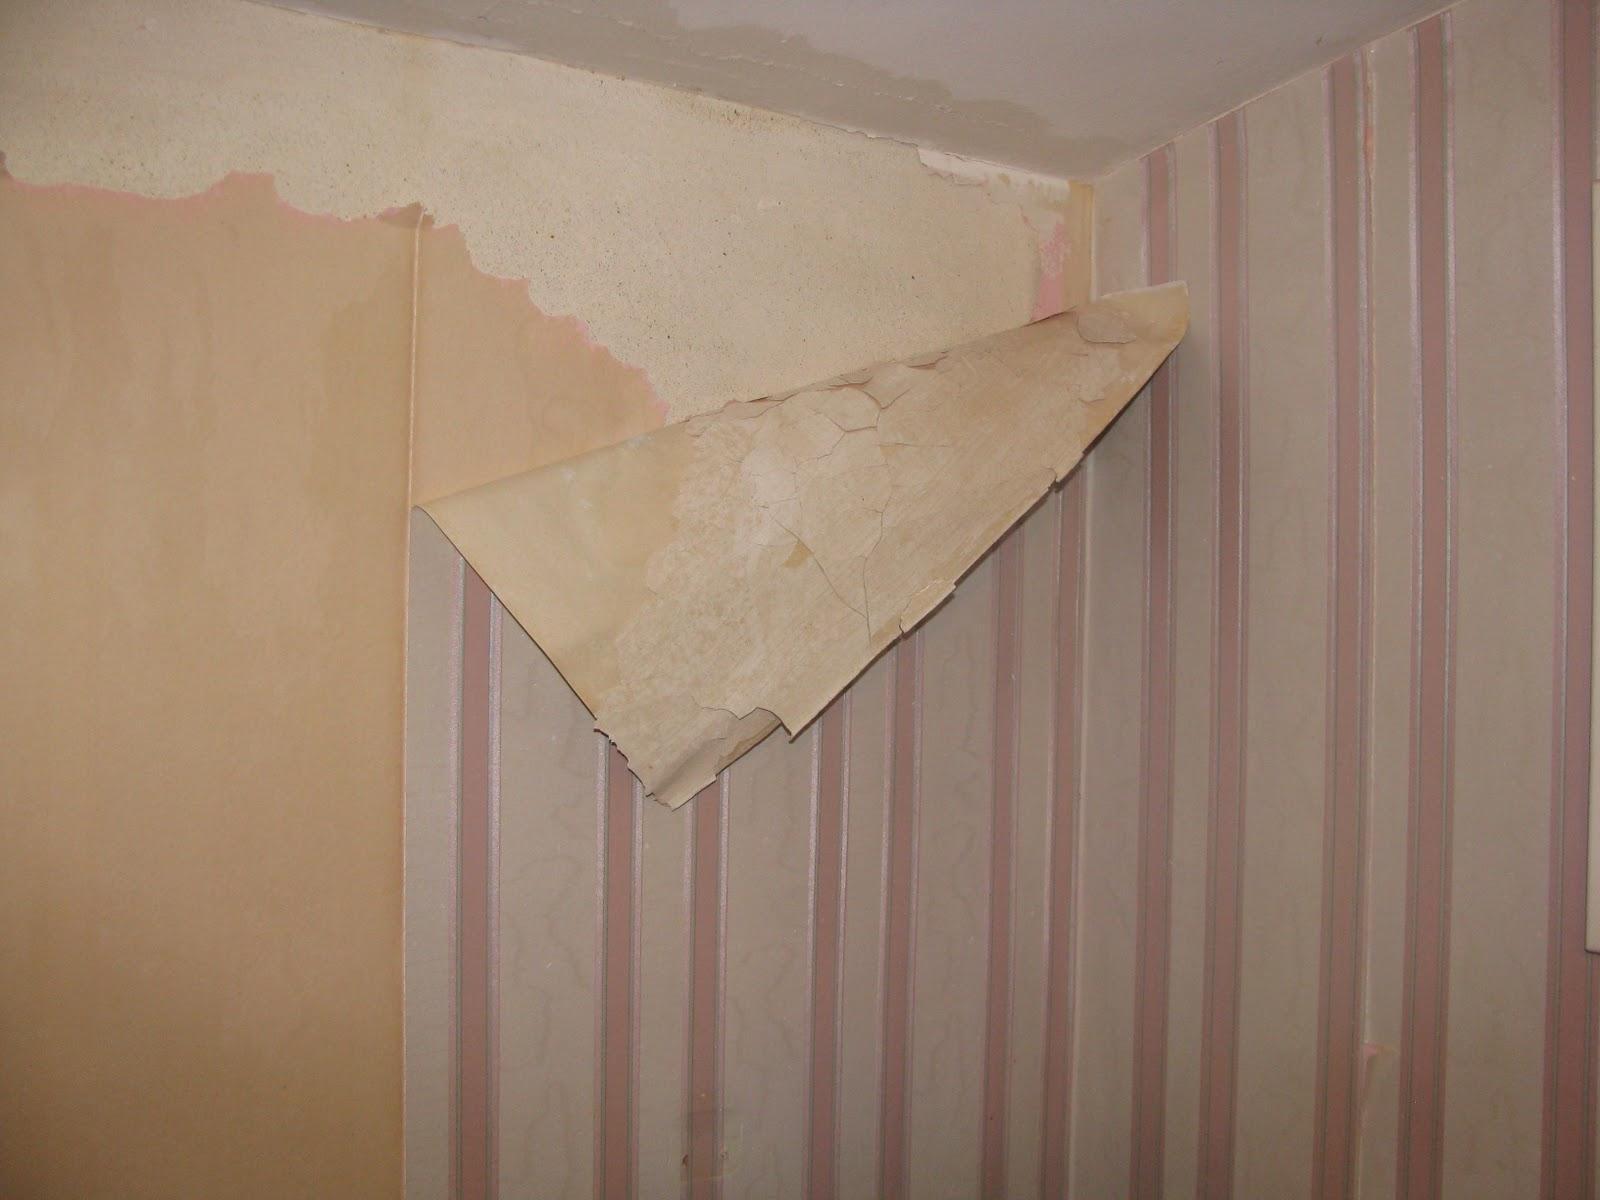 wallpaper wallpaper peeling off walls. Black Bedroom Furniture Sets. Home Design Ideas